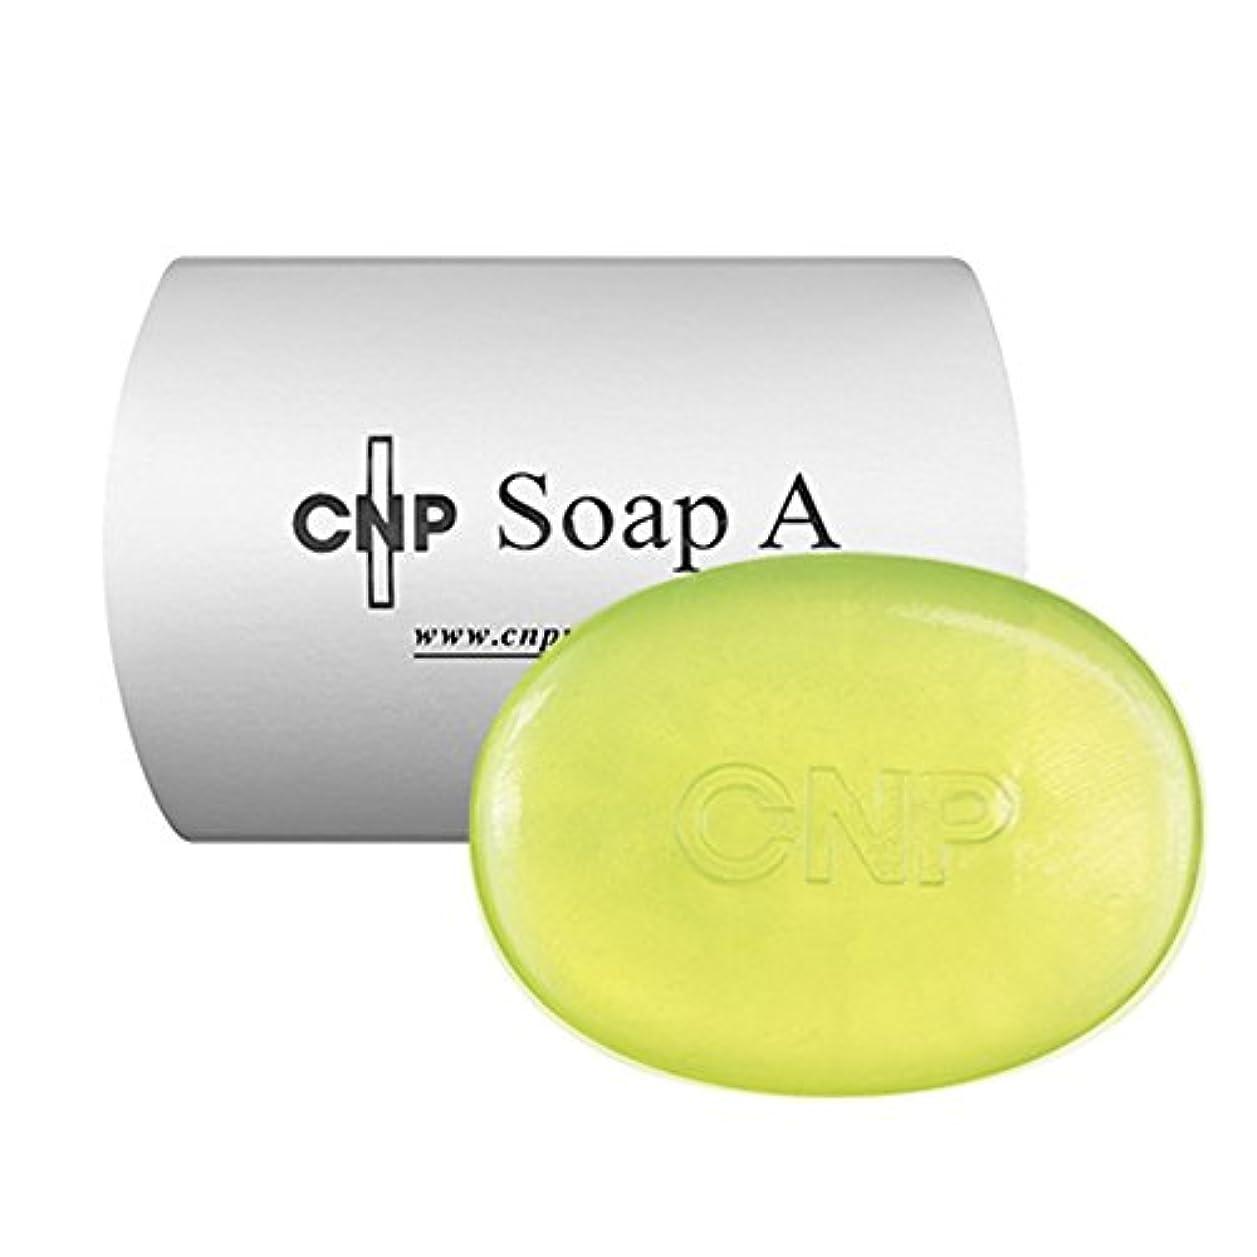 地味な予感歯科のCNP Soap A チャアンドパク ソープ A [並行輸入品]